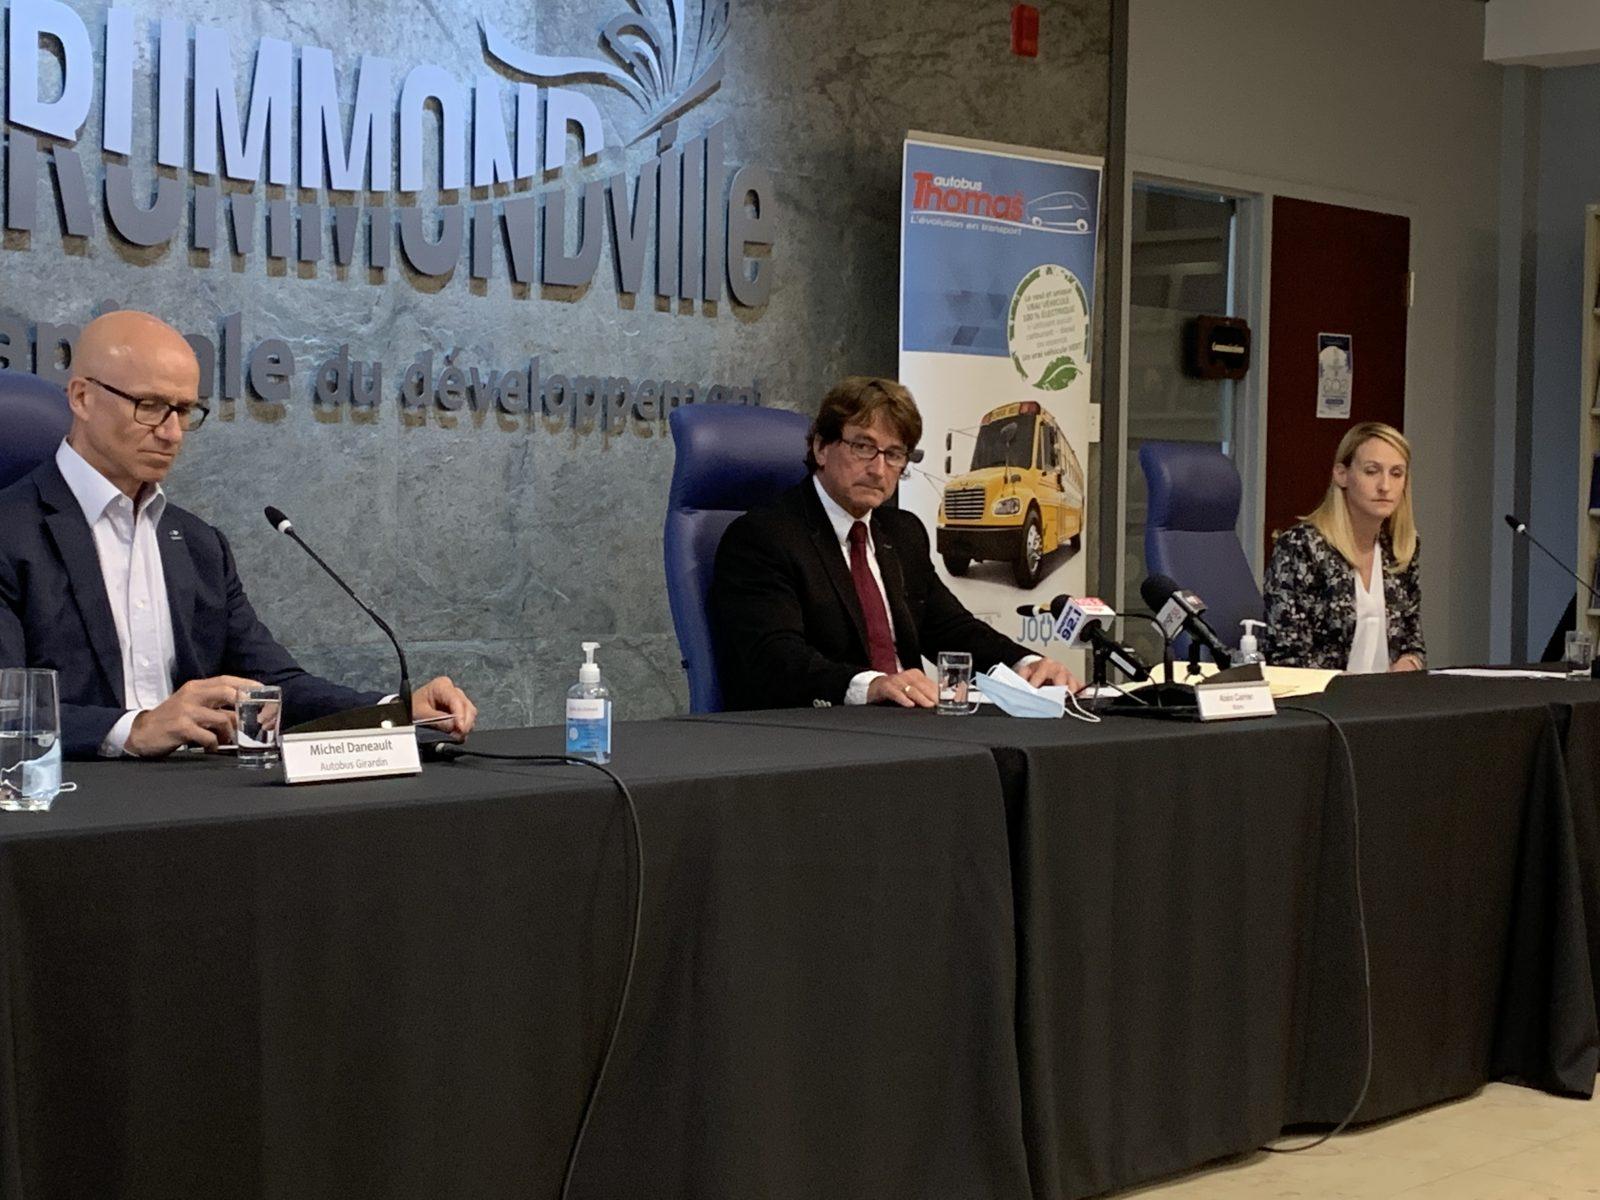 Programme d'électrification du transport scolaire : exclus, les deux leaders drummondvillois critiquent le gouvernement